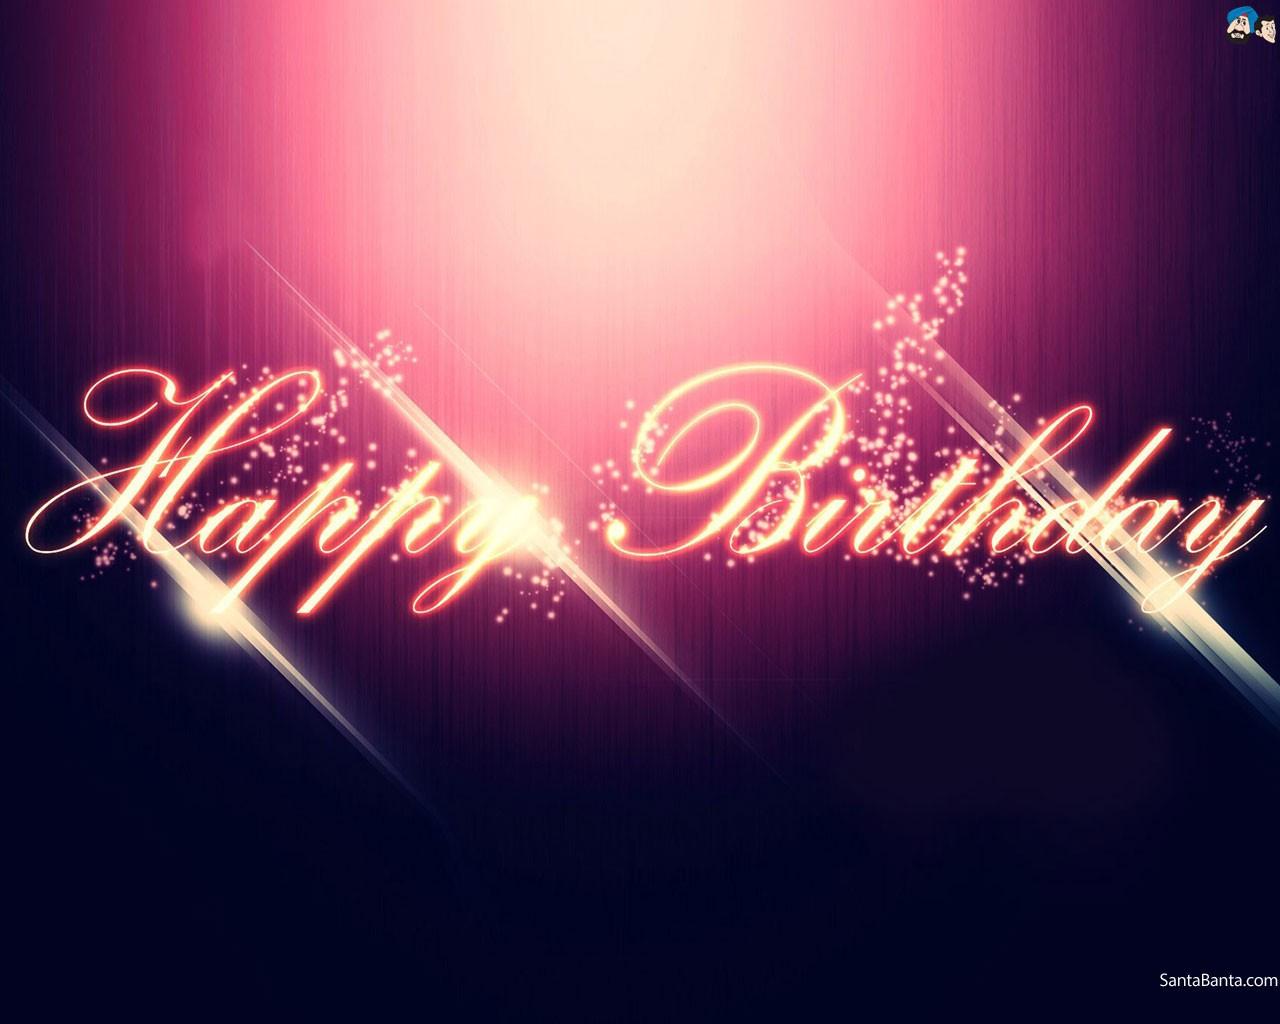 Счастья в День рождения - С Днем Рождения поздравительные картинки